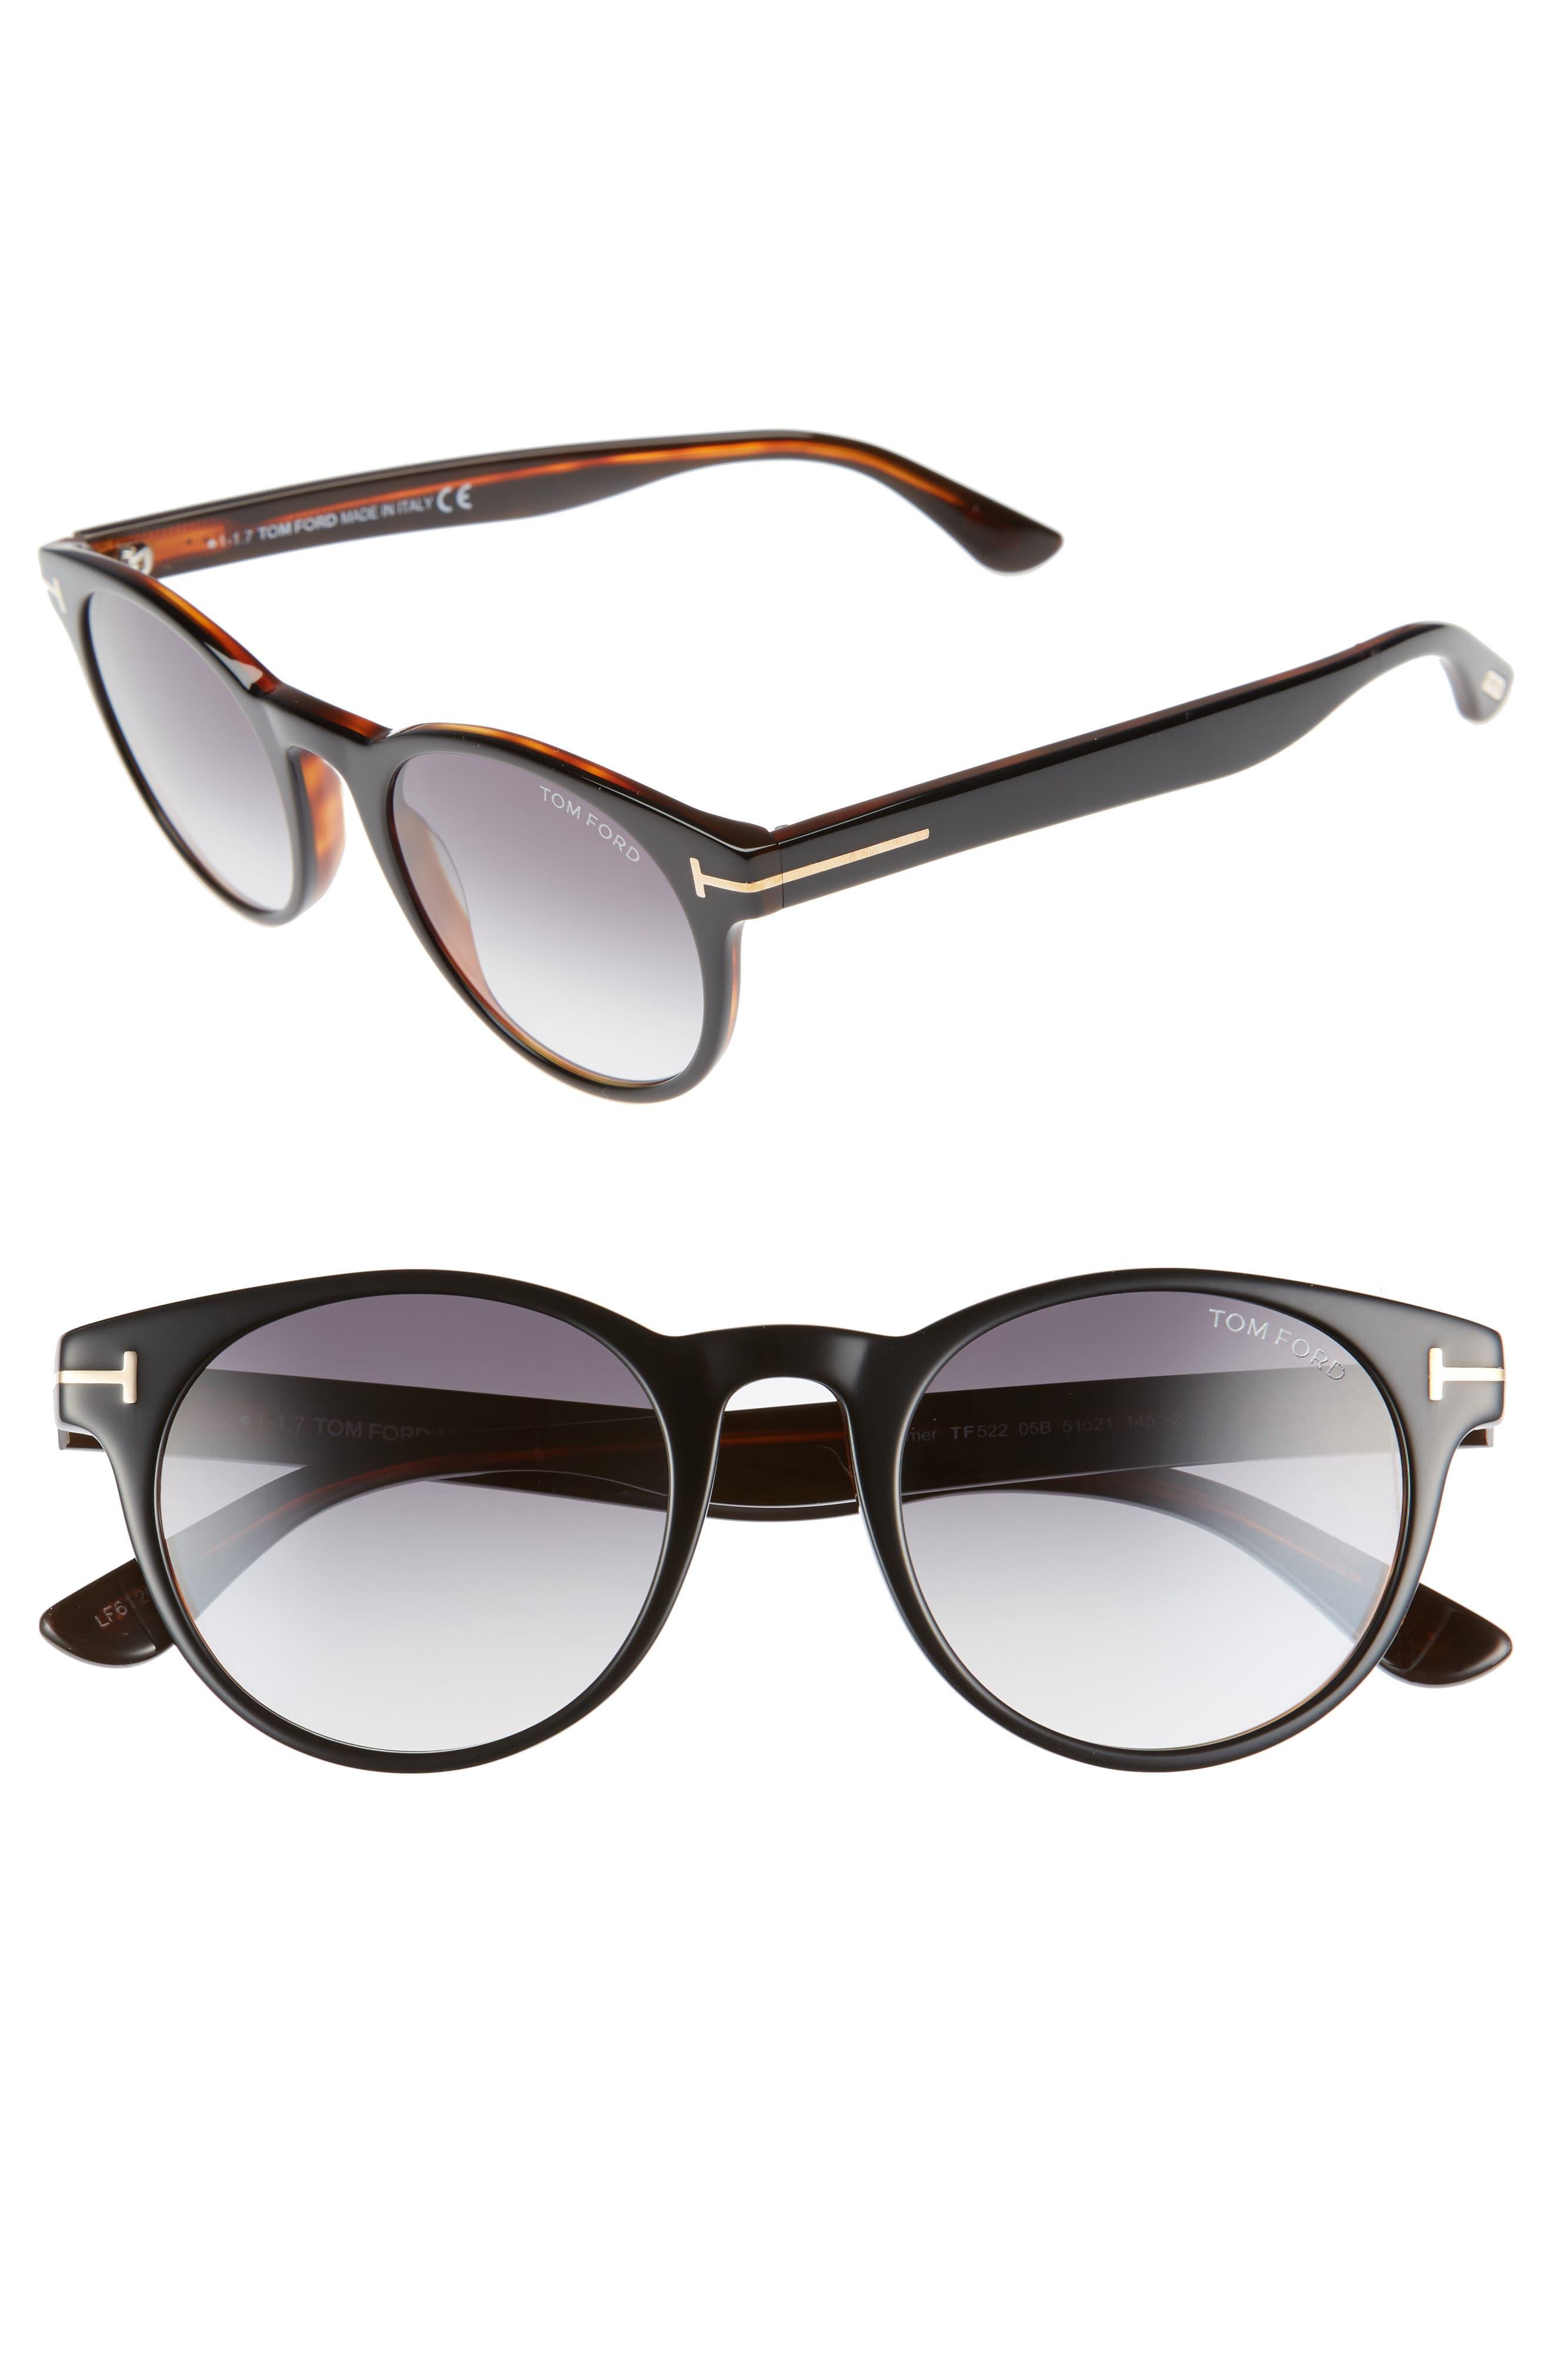 Palmer 51mm Gradient Lens Sunglasses,                         Main,                         color, 001